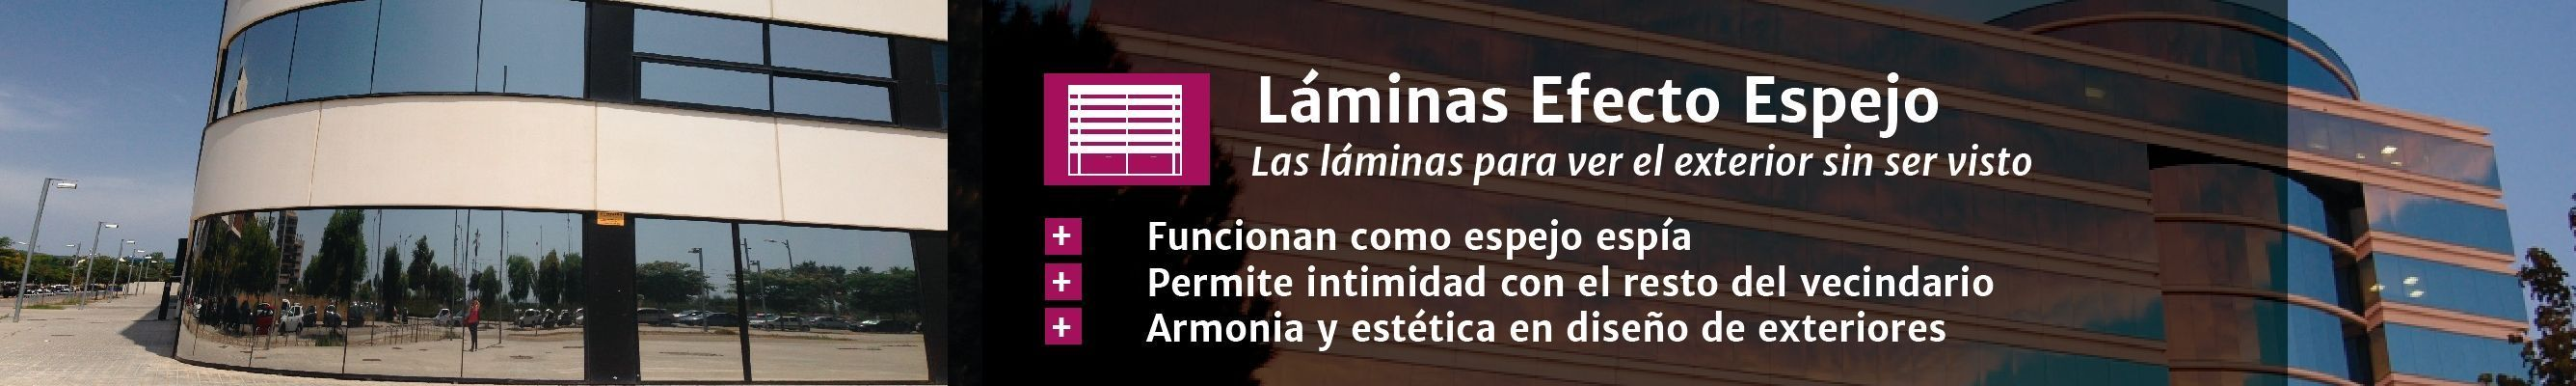 Láminas de efecto espejo en Laminotech